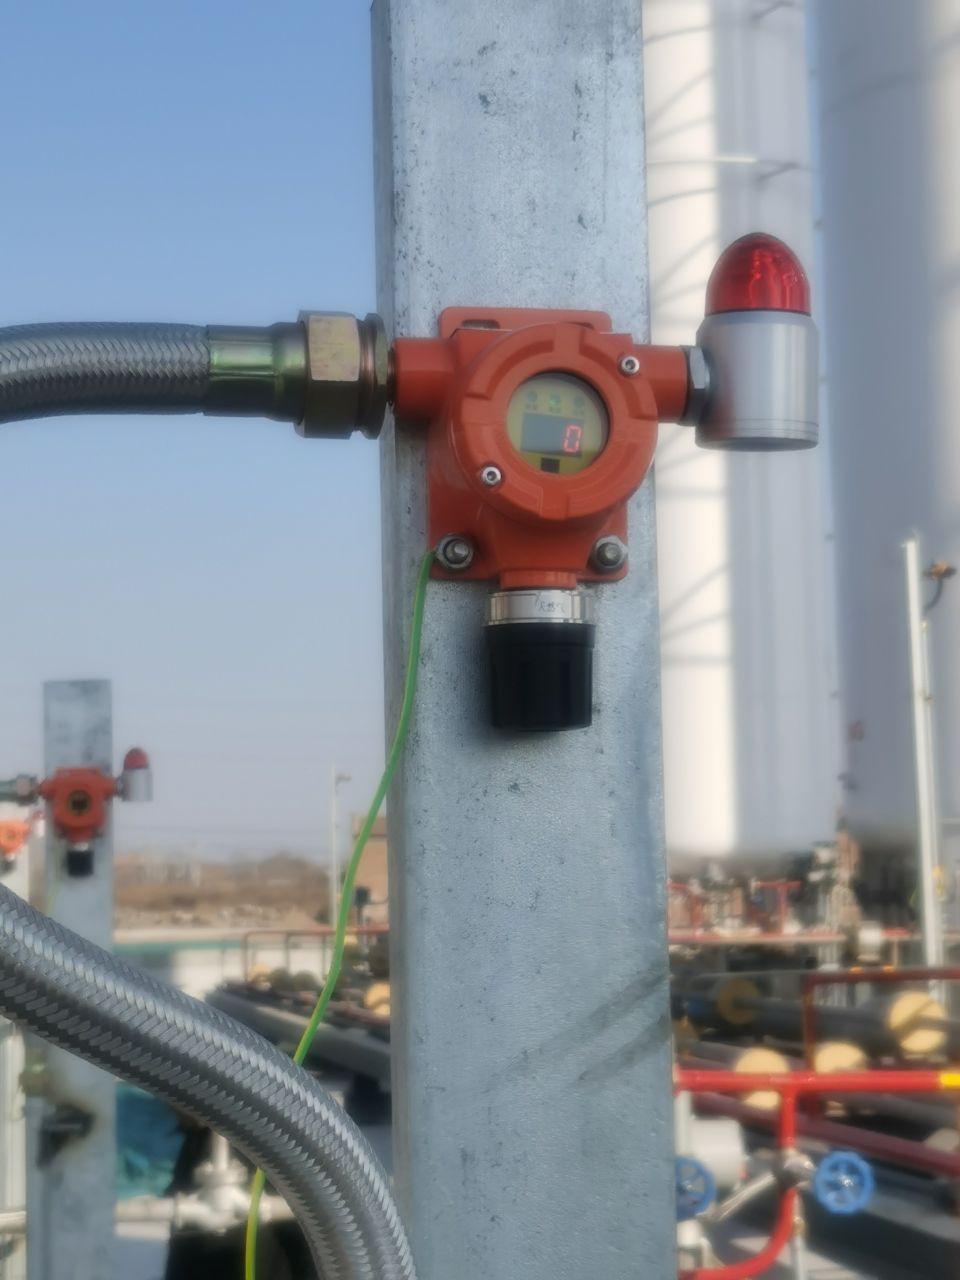 beplay手机下载电气氧气检测仪的详细介绍和使用说明